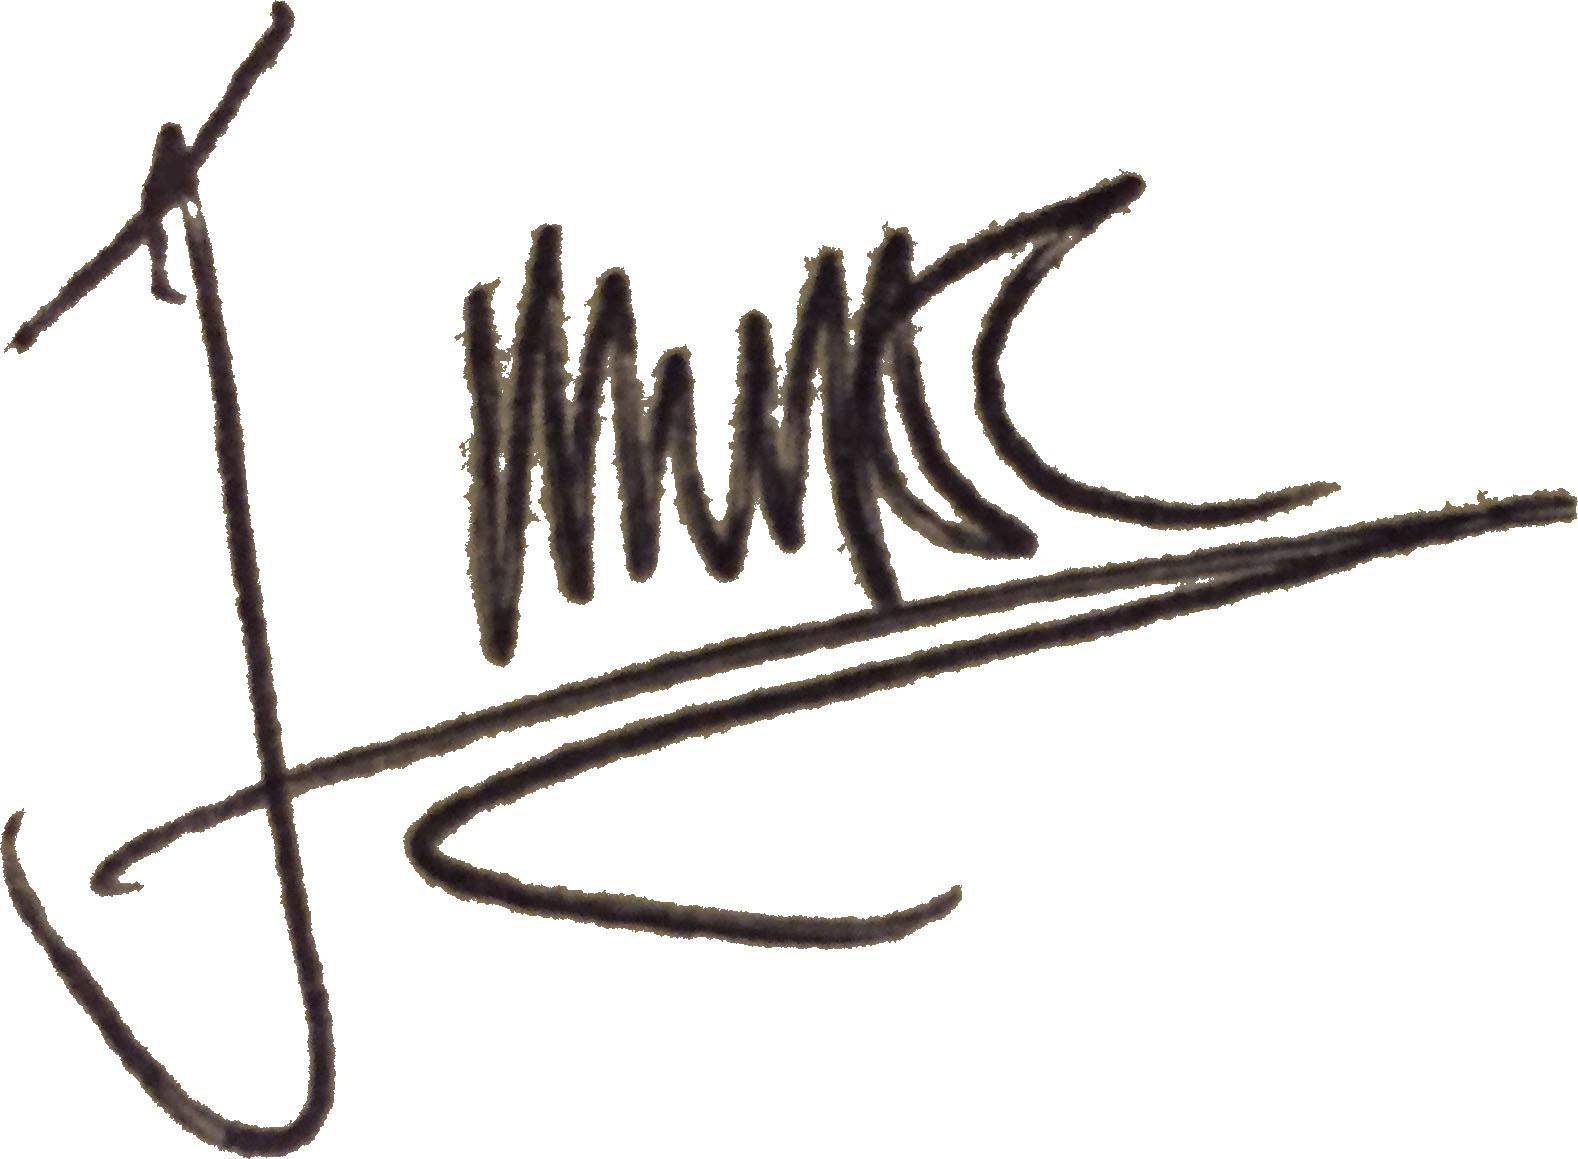 Jaie Miller's Signature